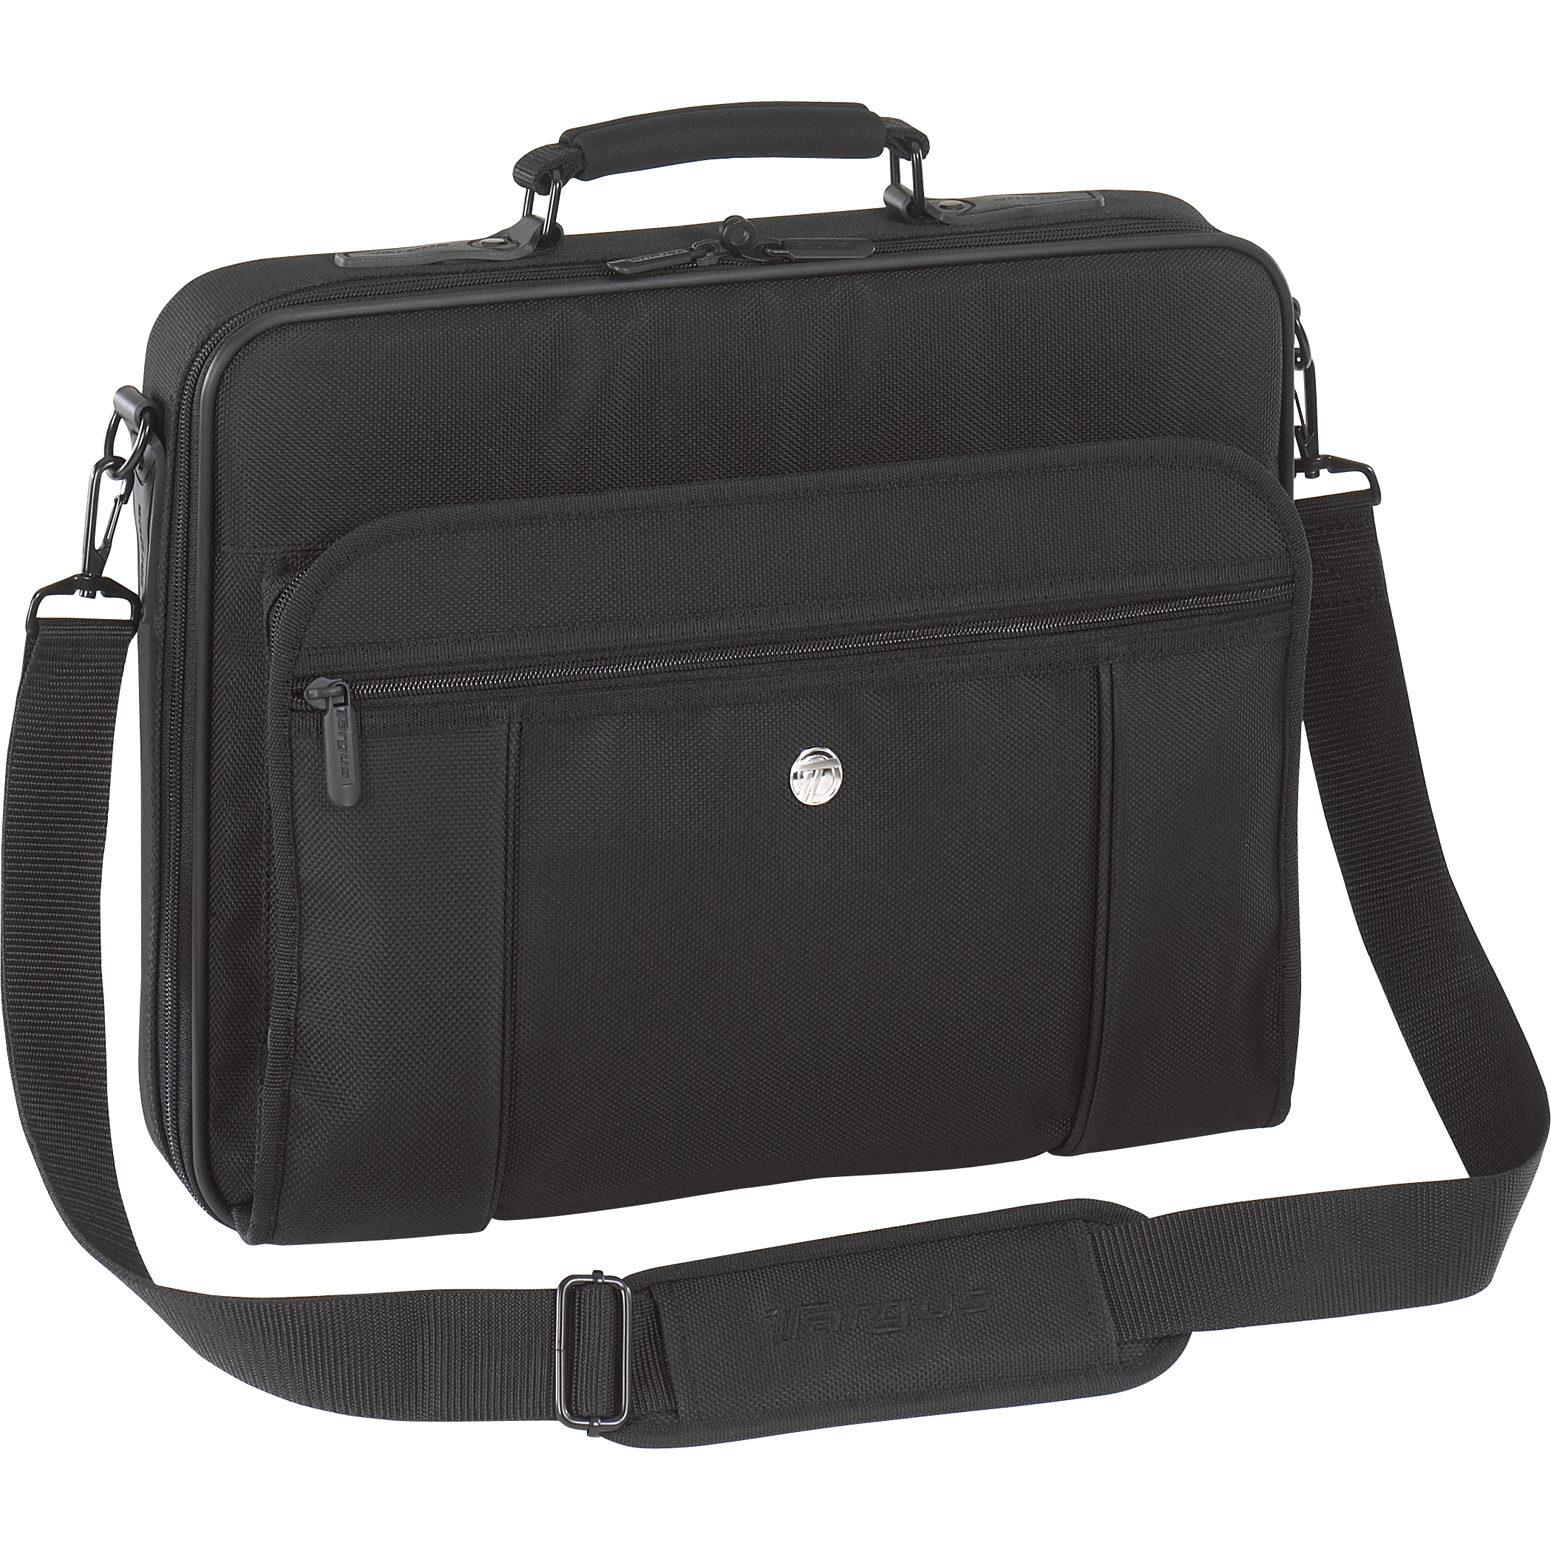 """15.4"""" Premiere Laptop Case - TVR300 - Black: Briefcases ...: http://www.targus.com/us/15_4-premiere-laptop-case-tvr300"""